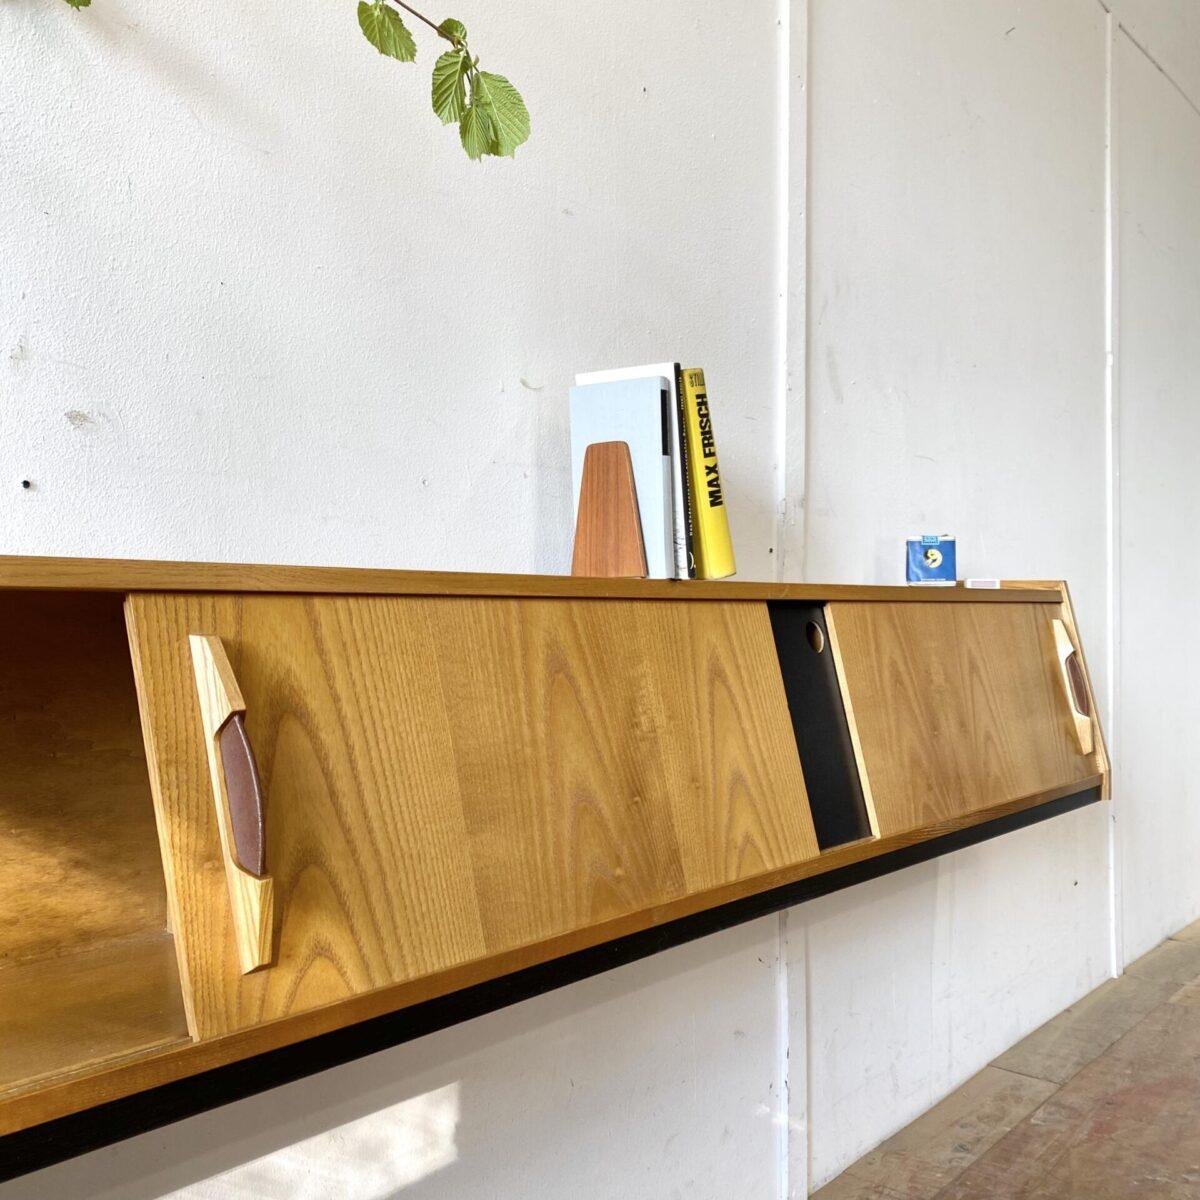 Deuxieme.shop swissdesign Lowboard Wall Board. Längliches Wandregal mit Schiebetüren, Eschenholz furniert, mit Kunstleder griffen. Von Corta Multiform aus den 50er Jahren. 193x27cm Höhe 32.5cm die tiefe der Deckplatte ist 19cm. Das Regal ist in gutem allgemein Zustand, die Unterseite ist nicht furniert. Durch die abgeschrägte Front eignet es sich als Lowboard.